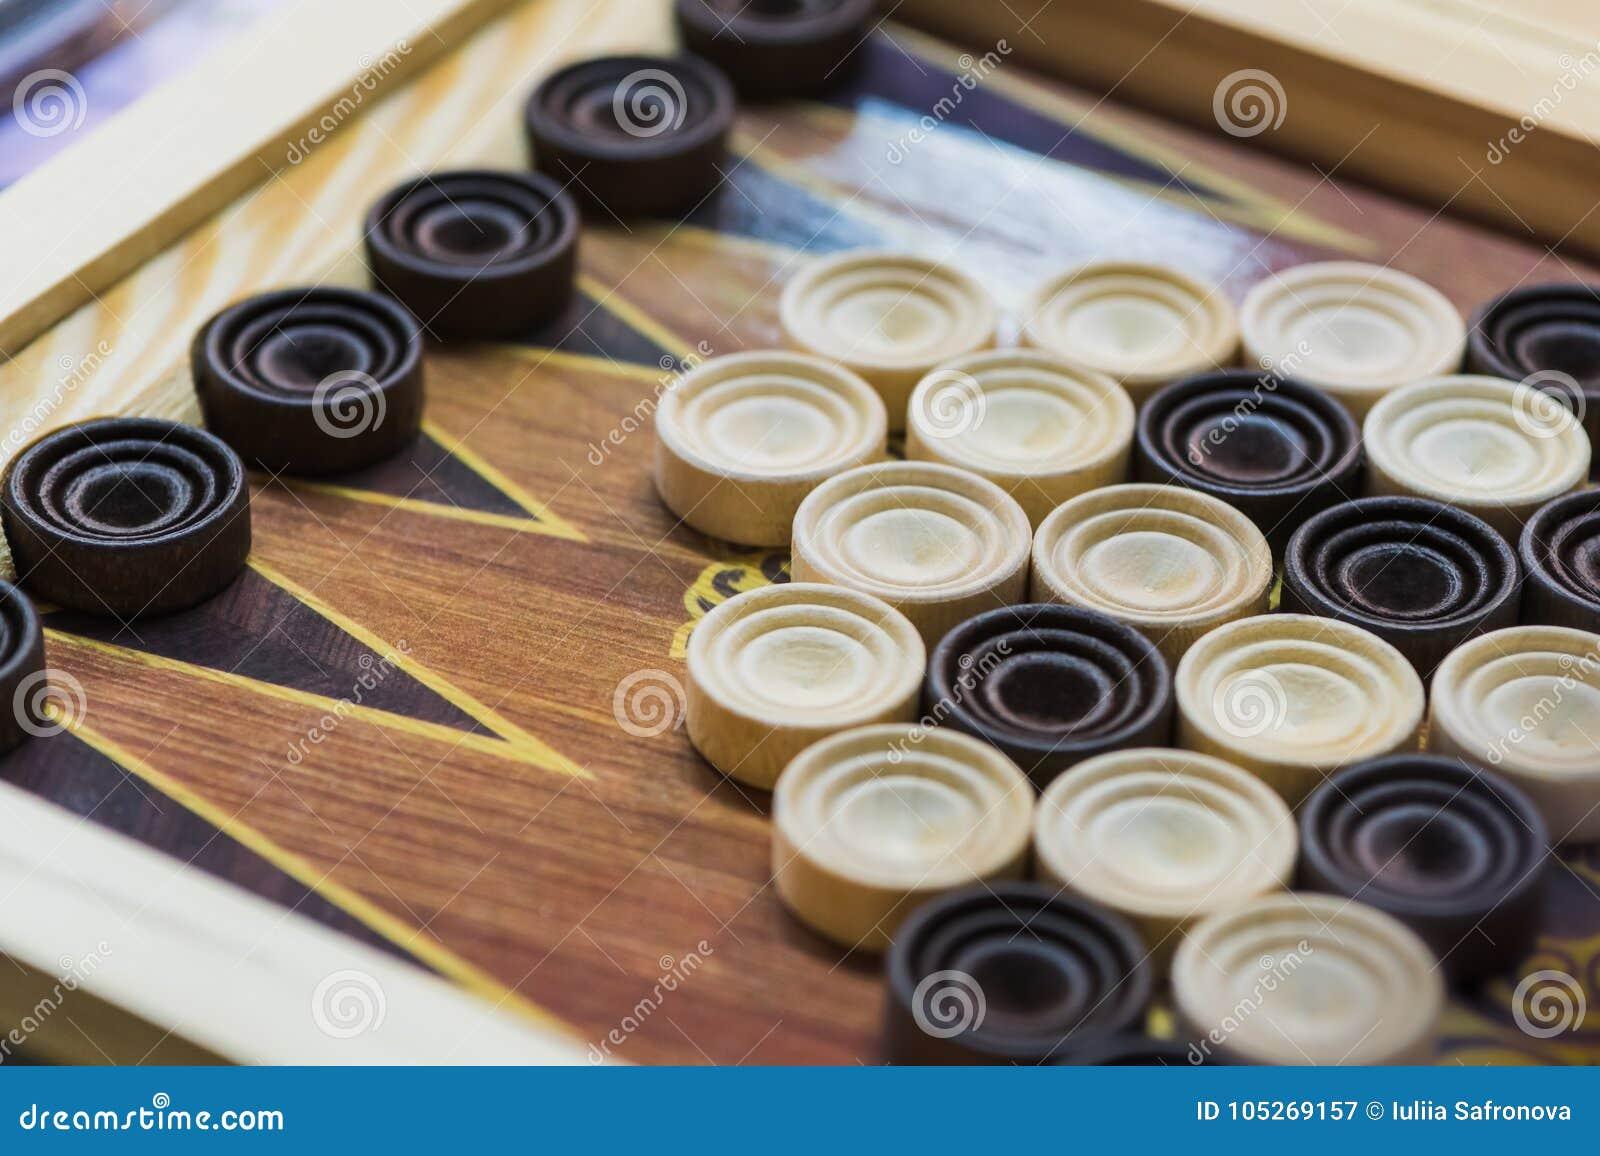 Backgammon De Madera Juegue A Un Juego De Mesa Imagen De Archivo